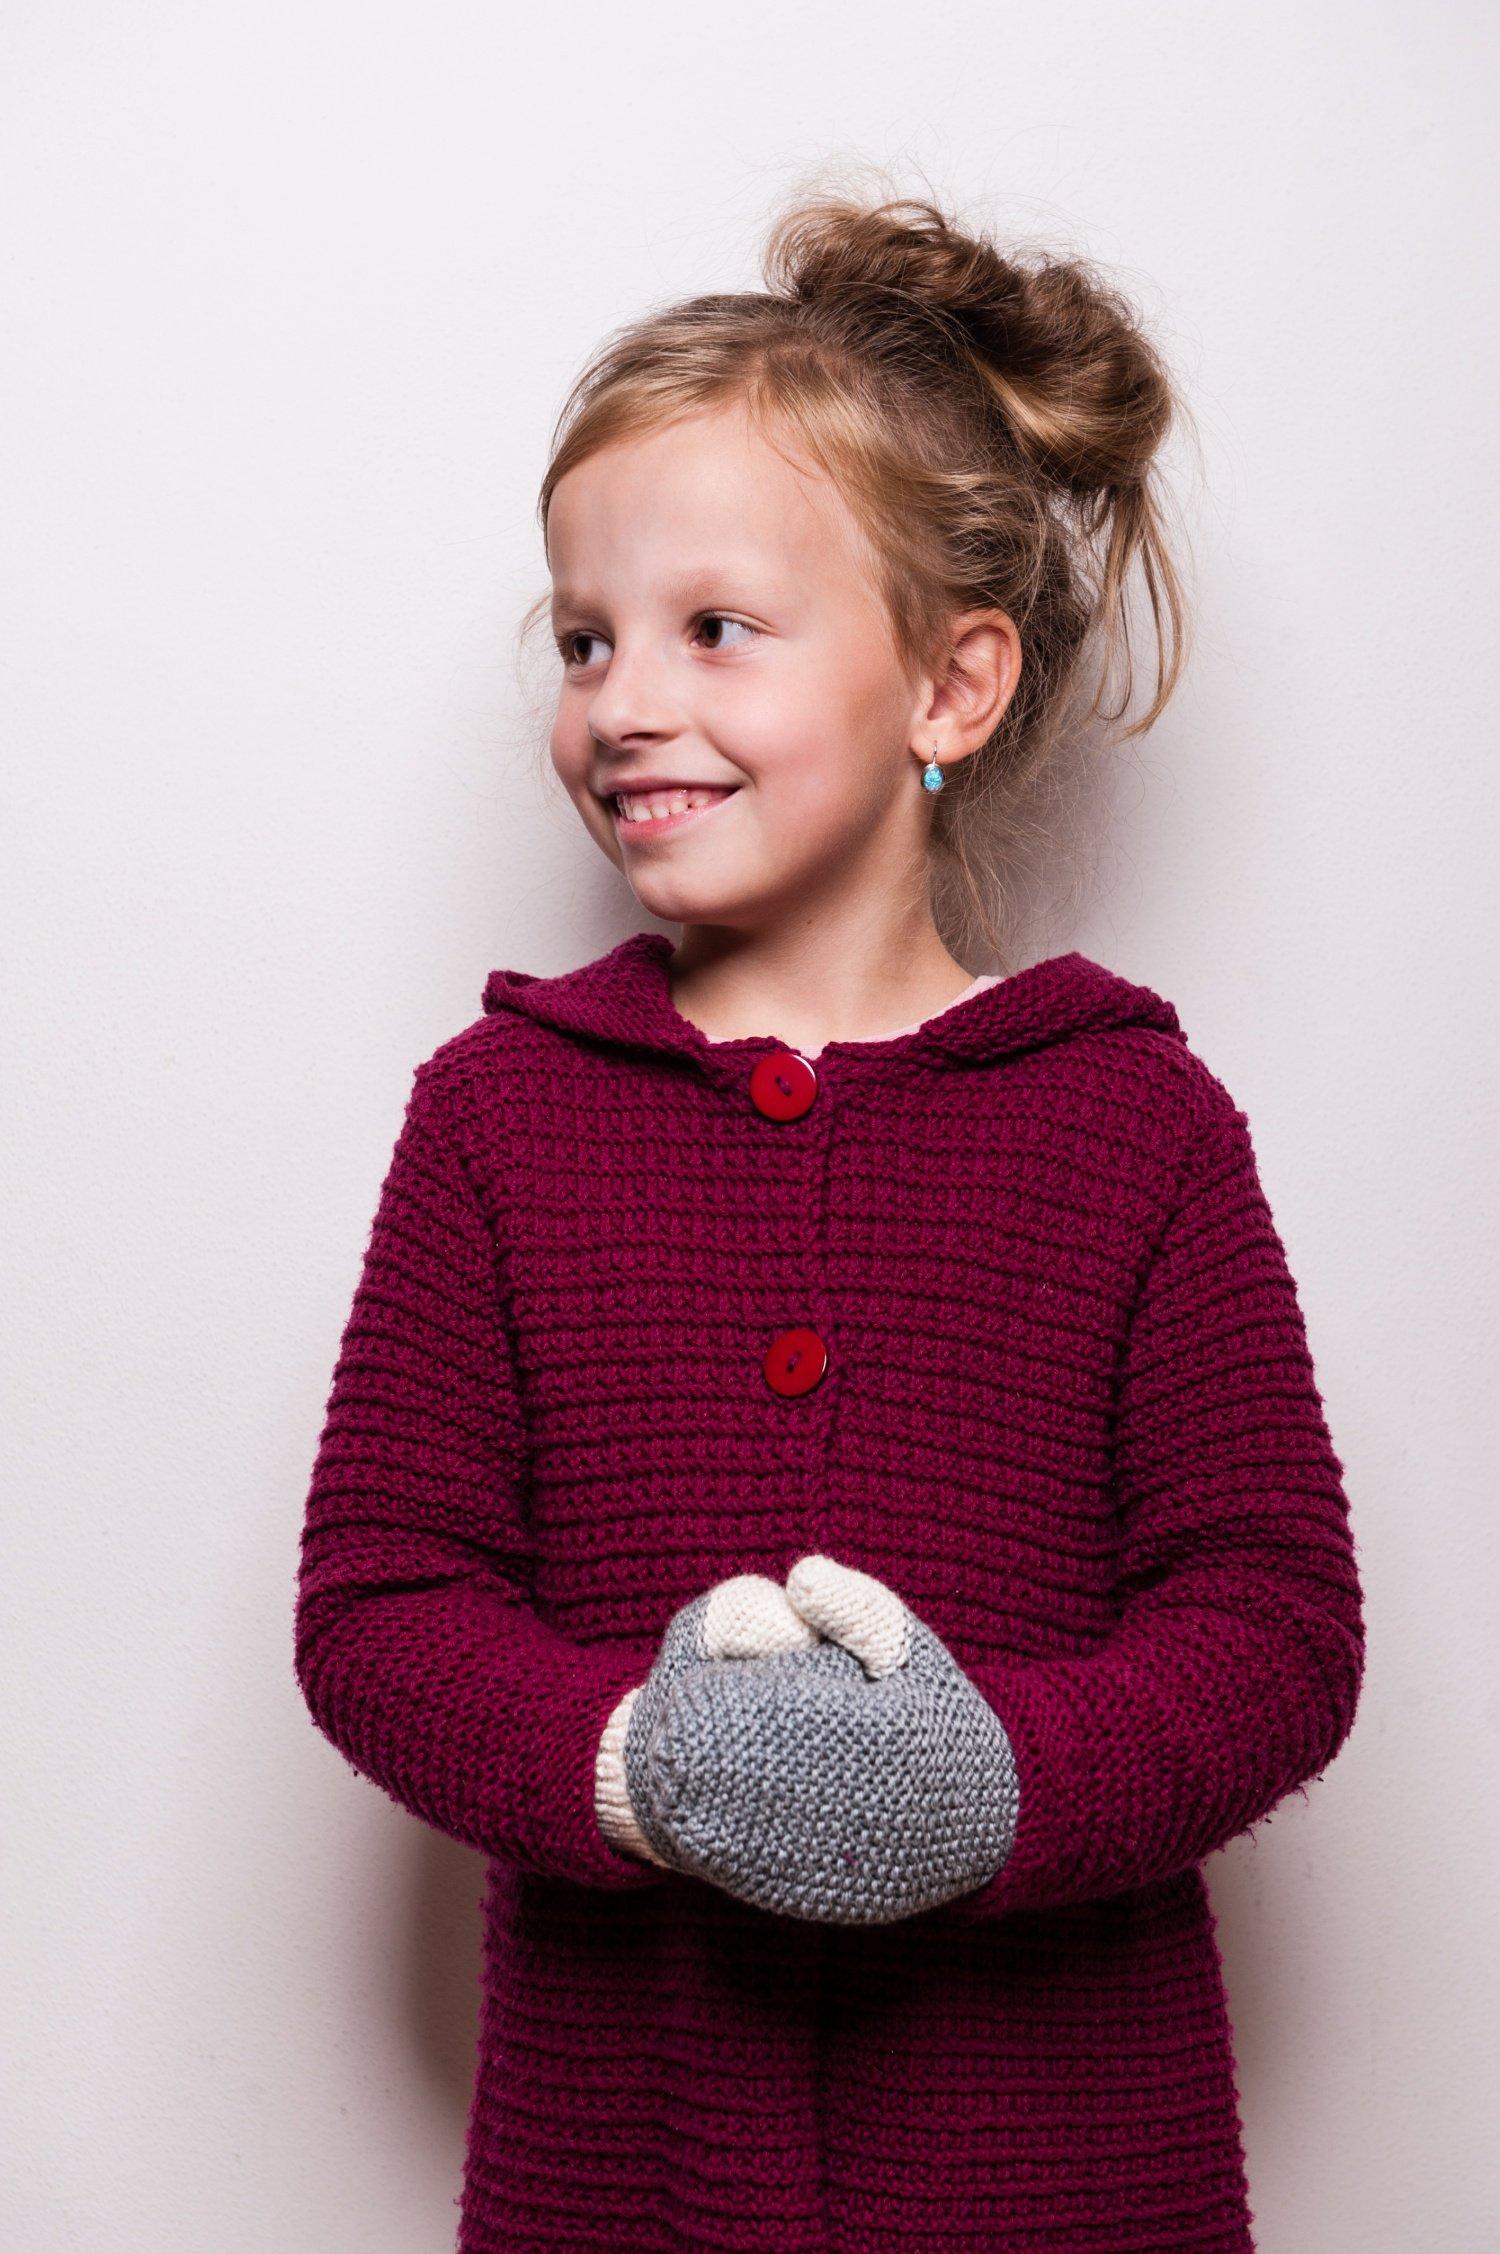 Tipy na dareky pre mamy, babky a dc ry - ena SME